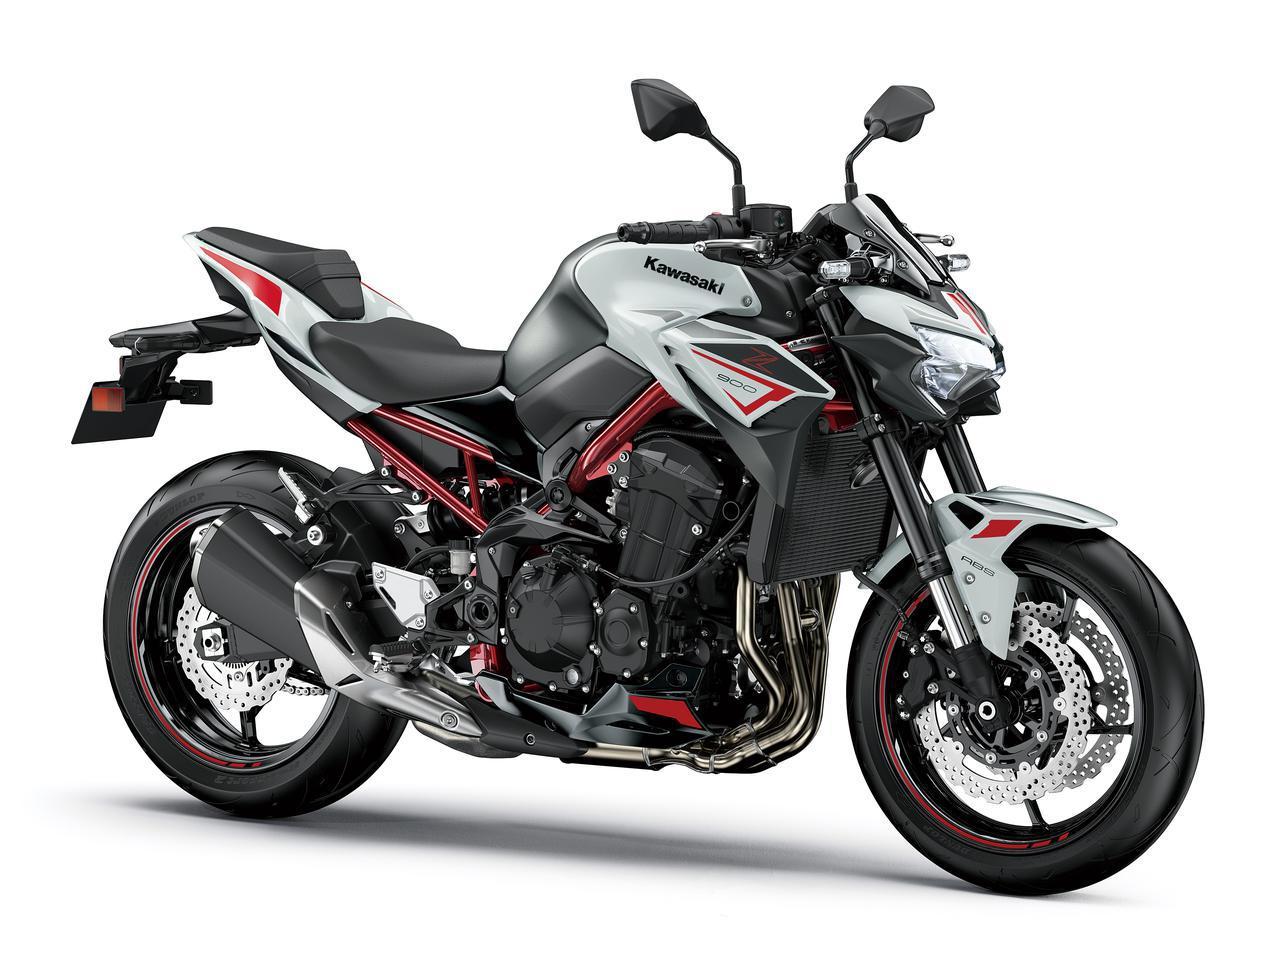 画像: 【参考】国内モデルの「Z900」(2022年モデル) www.autoby.jp